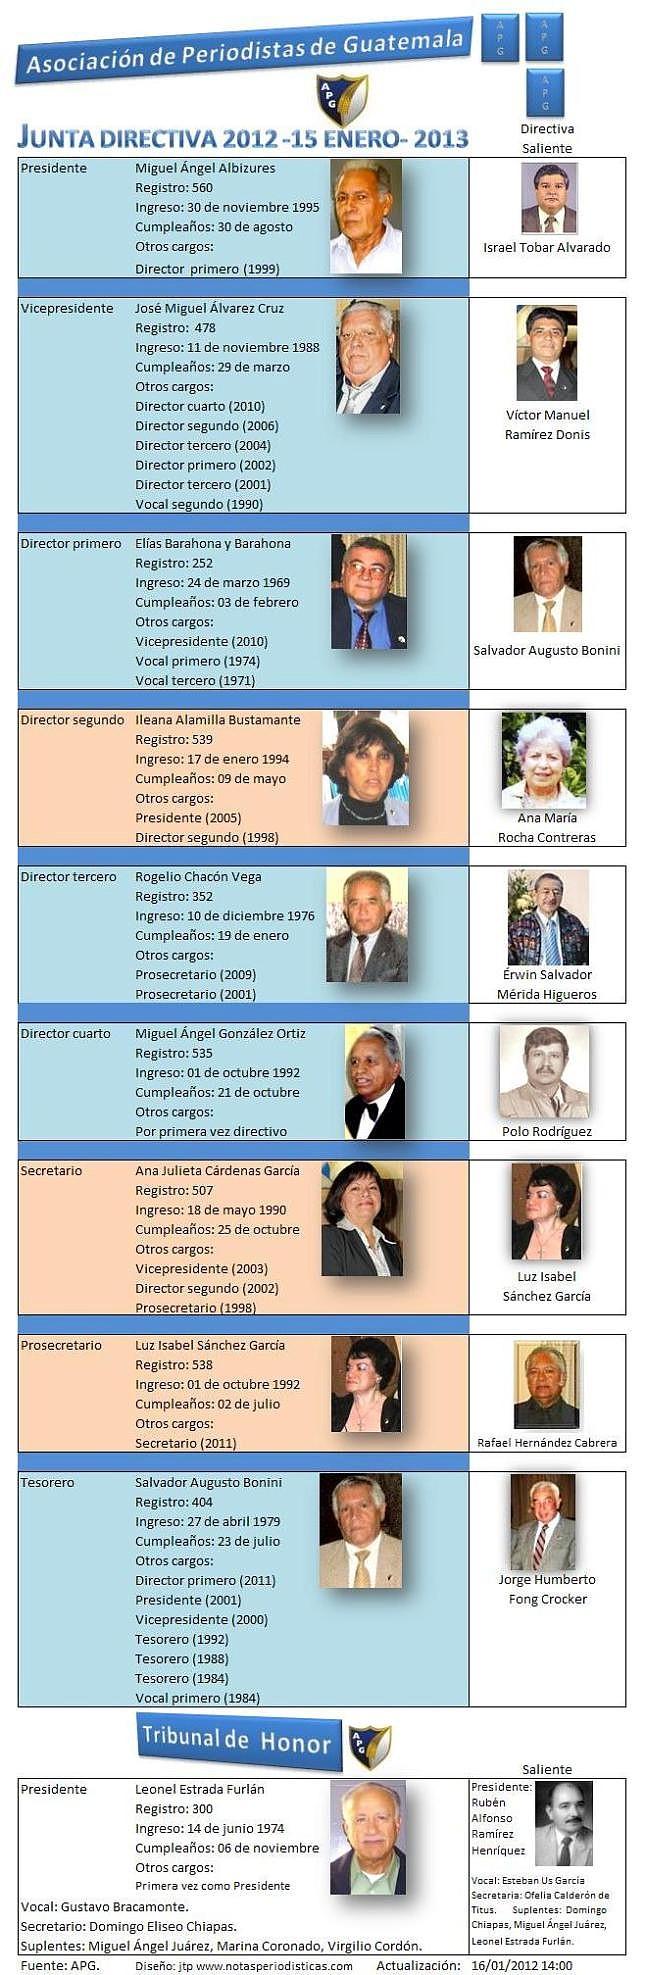 Junta Directiva y Tribunal de Honor 2012 de la APG  - y  salientes --jtp.